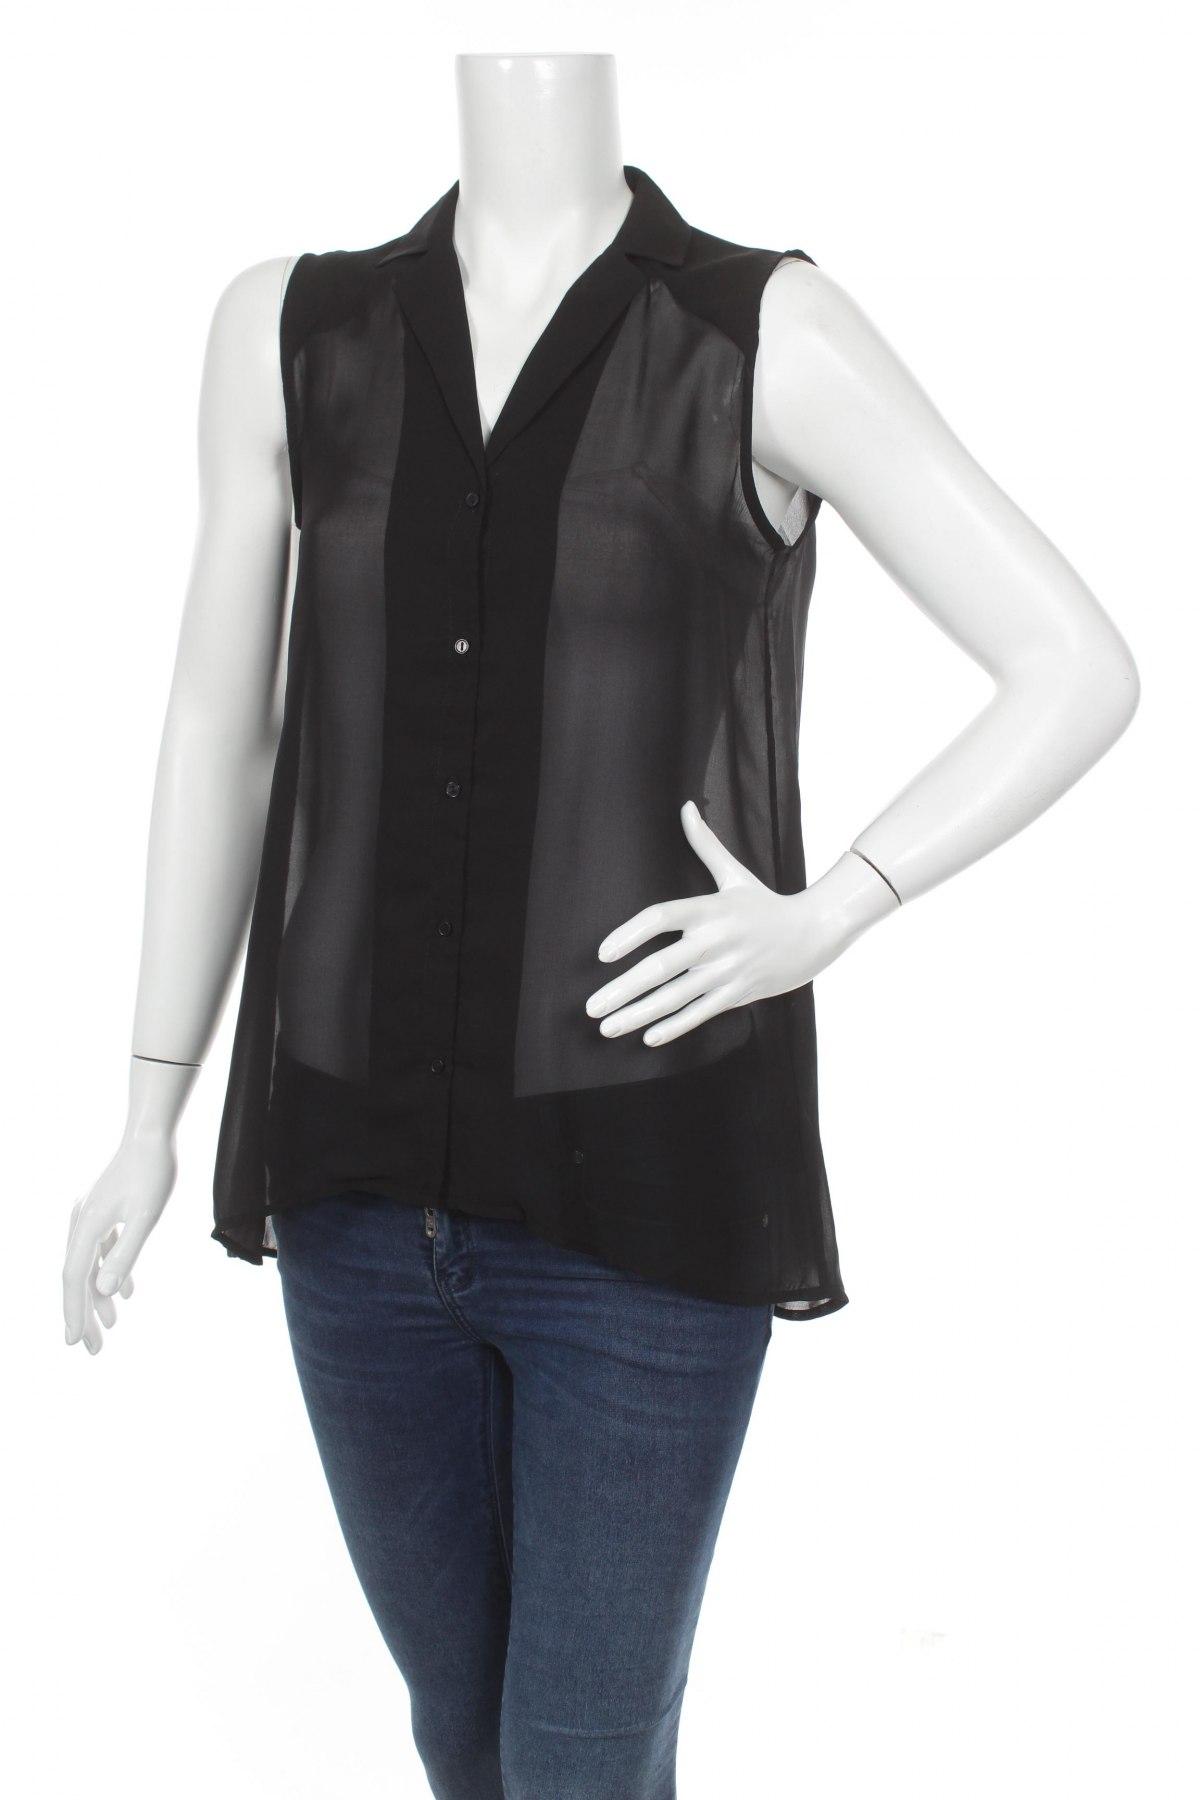 cbdd919046ea Γυναικείο πουκάμισο H M - σε συμφέρουσα τιμή στο Remix -  100692483